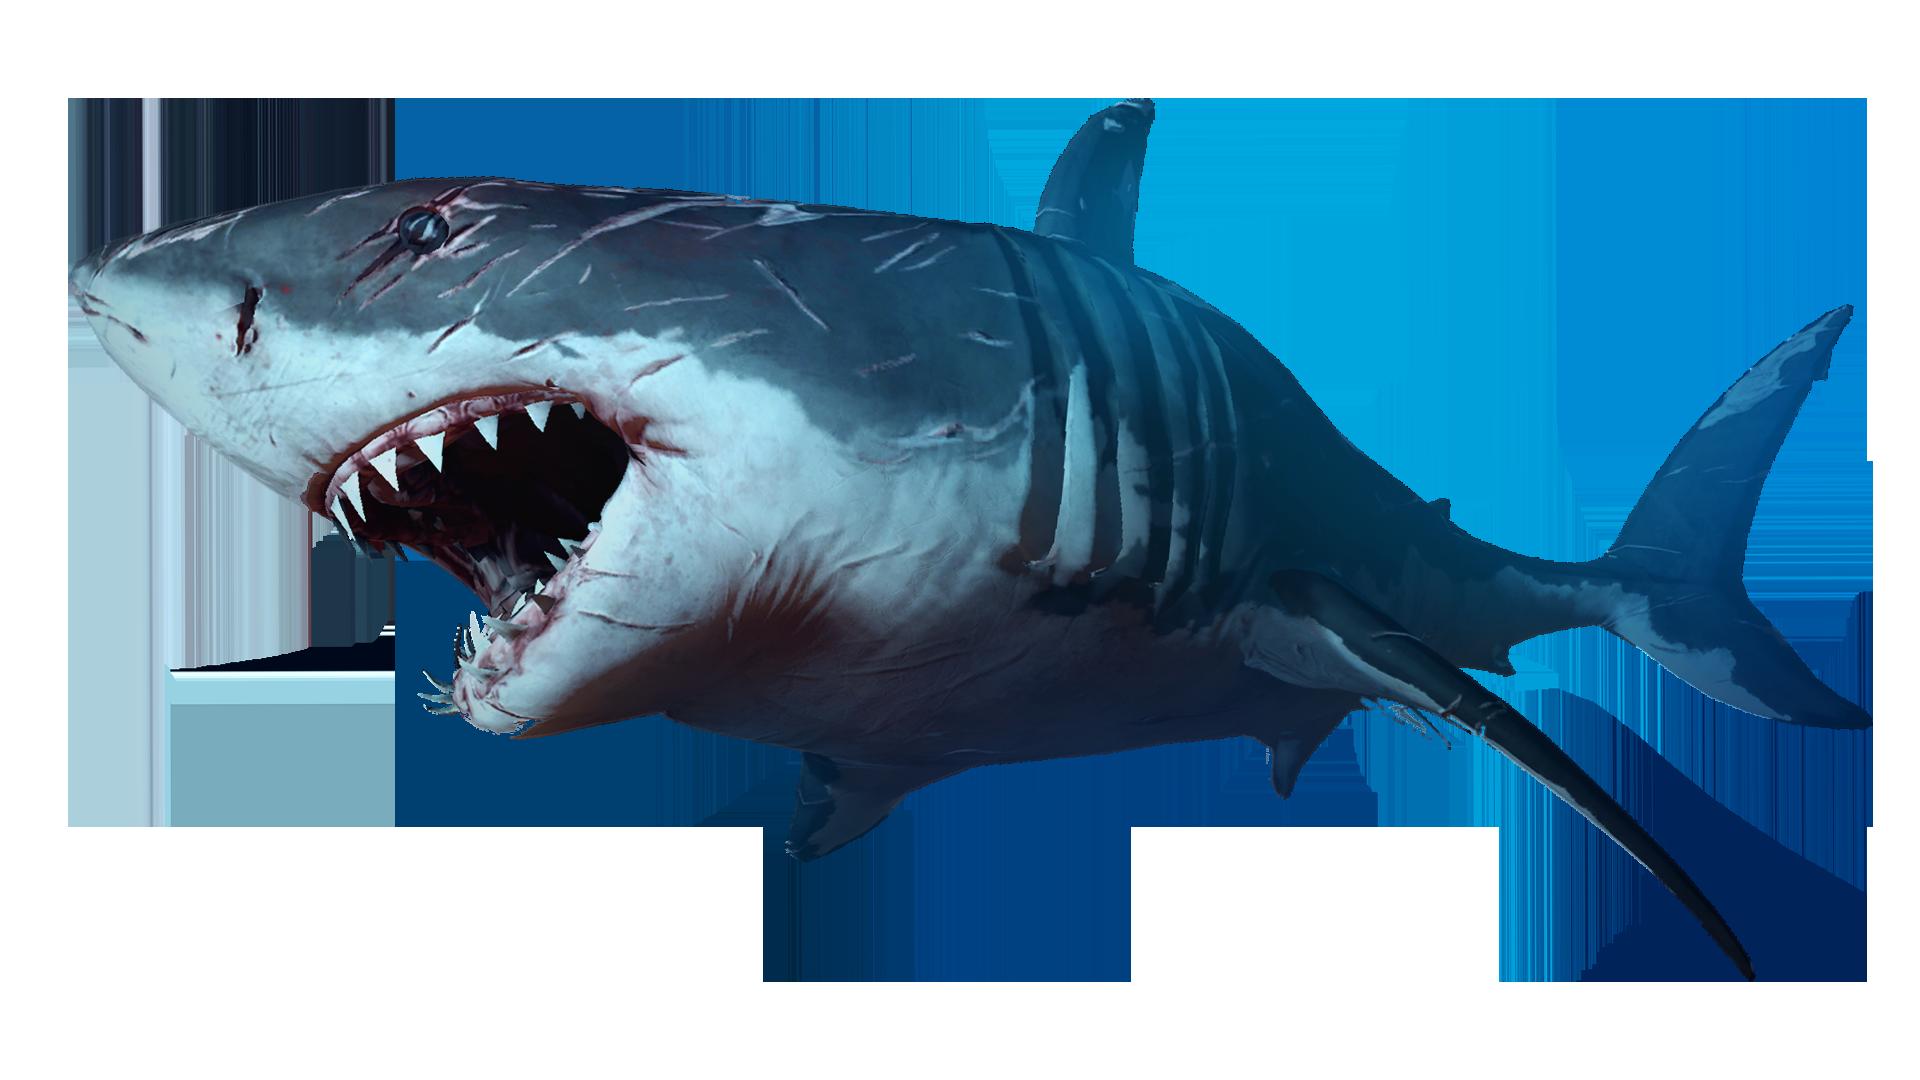 Shark Png Download transparent sharks png for free on pngkey.com. pngimg com